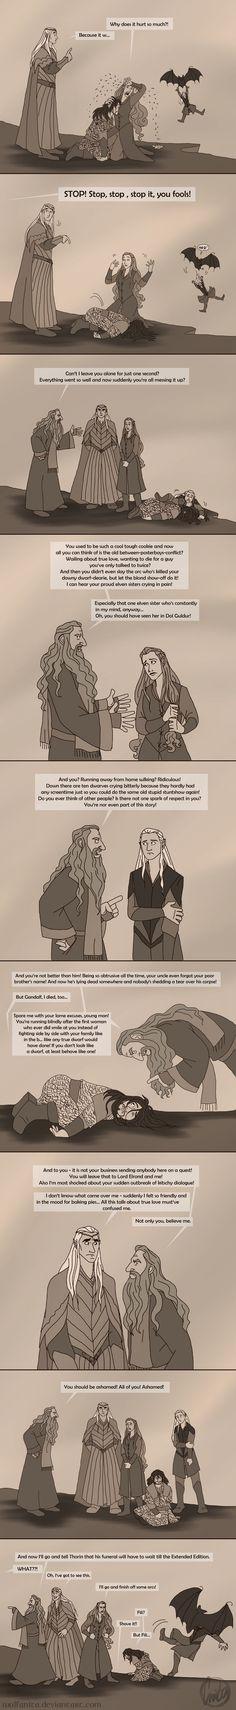 The Hobbit: Gandalf to the Rescue! by wolfanita.deviantart.com on @DeviantArt